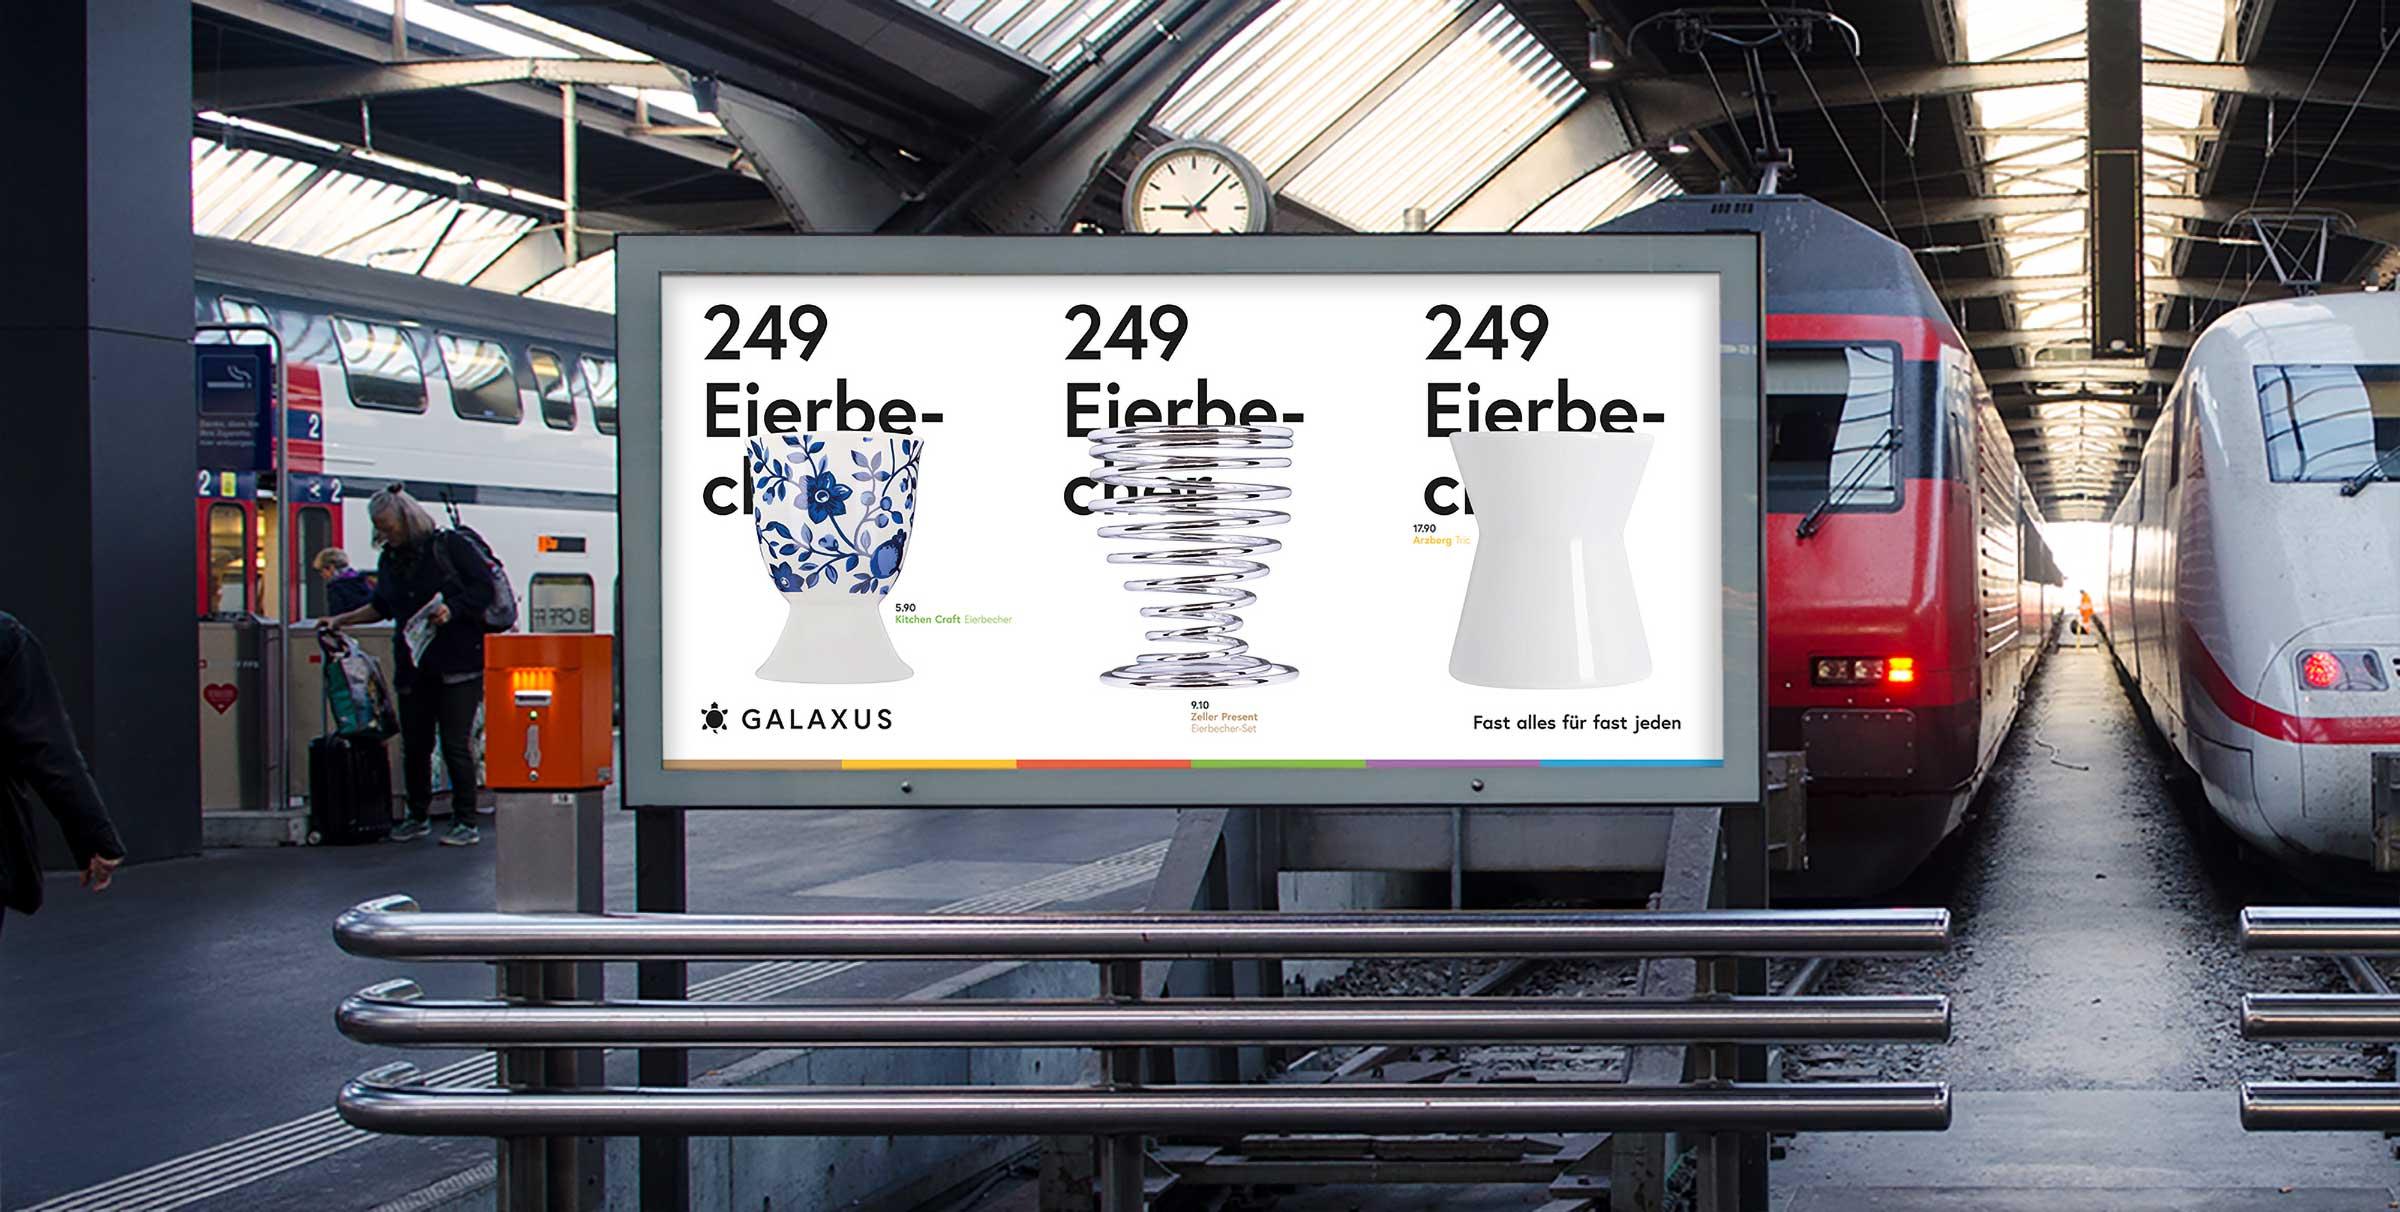 Mockup_F12_Eierbecher-wo